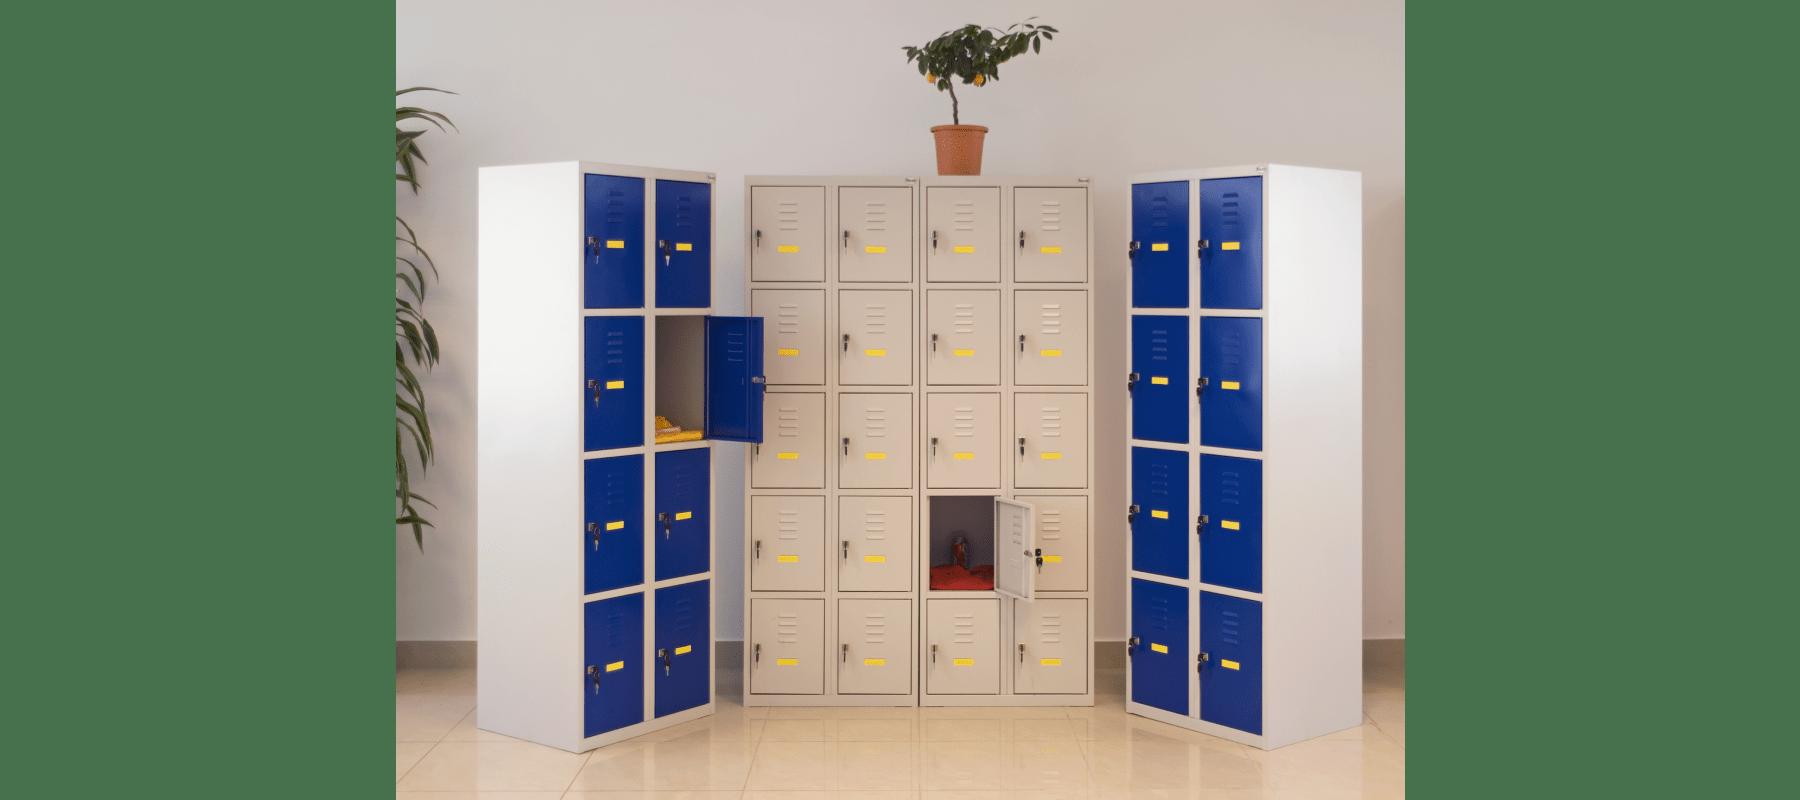 szatnie szafy schowkowe mw aranżacje - 15